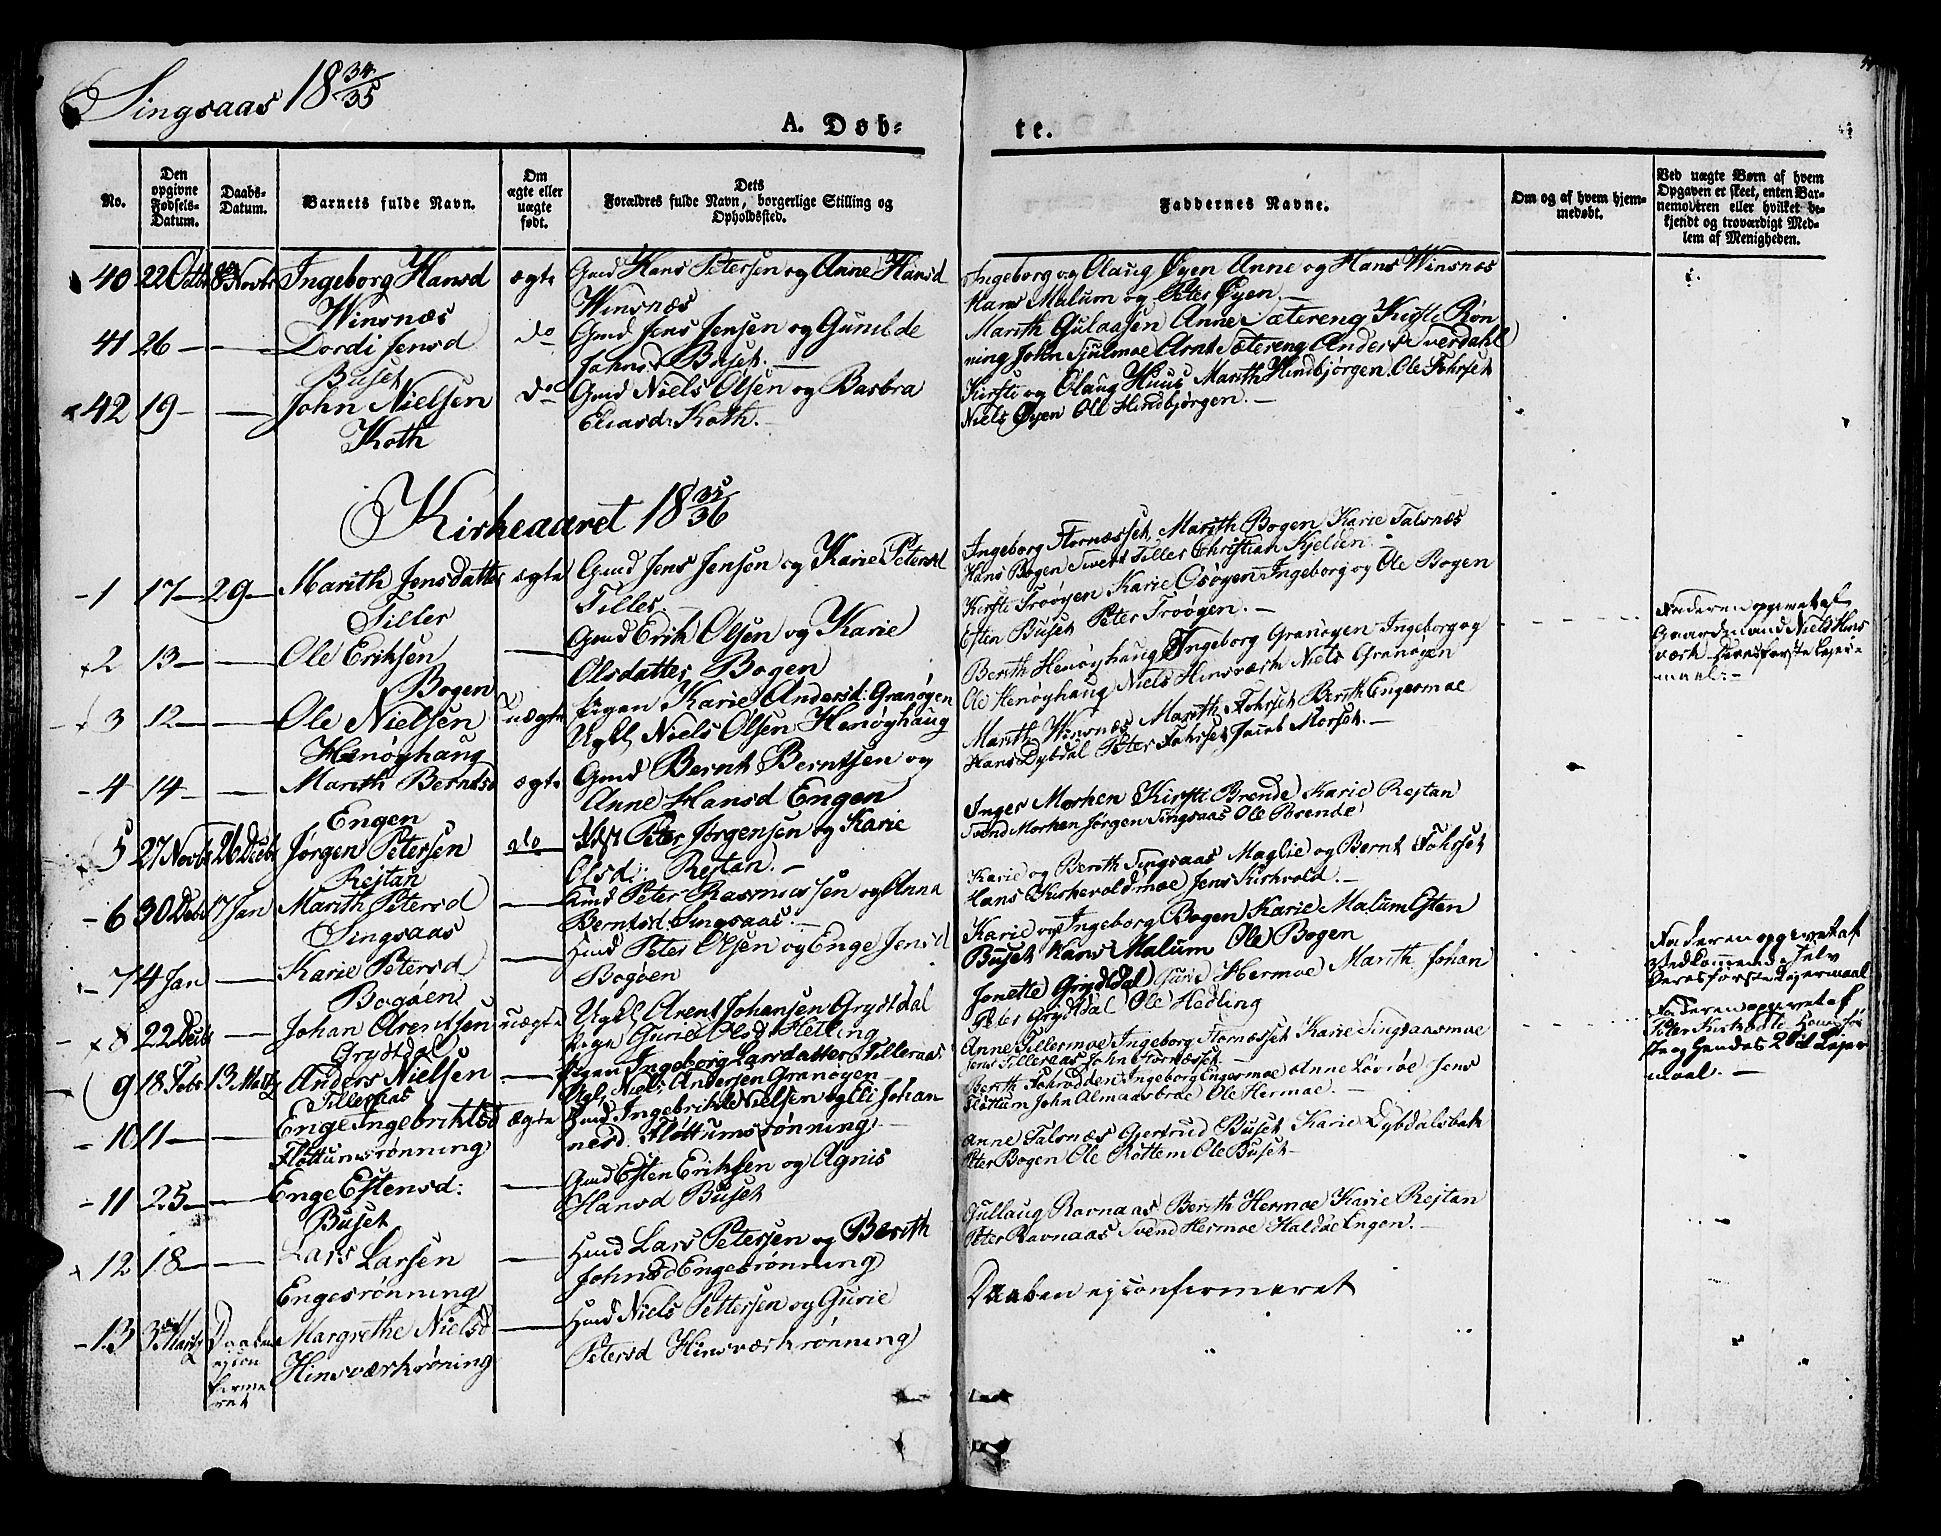 SAT, Ministerialprotokoller, klokkerbøker og fødselsregistre - Sør-Trøndelag, 685/L0958: Ministerialbok nr. 685A04 /2, 1829-1845, s. 44